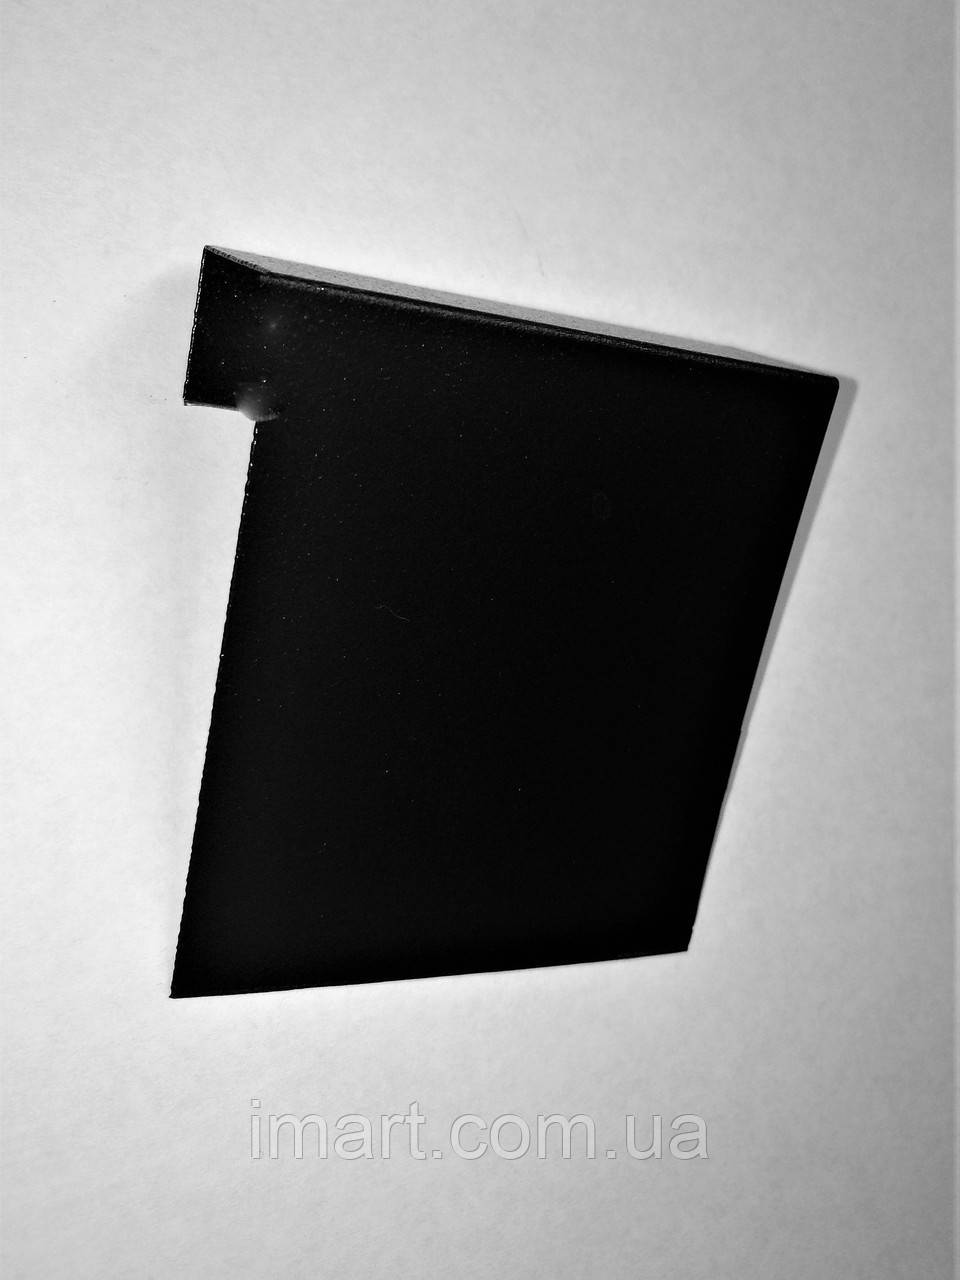 Меловой ценник 20х20 см П-образный на полку. Грифельная табличка на стеллаж. Для надписей мелом и маркером.